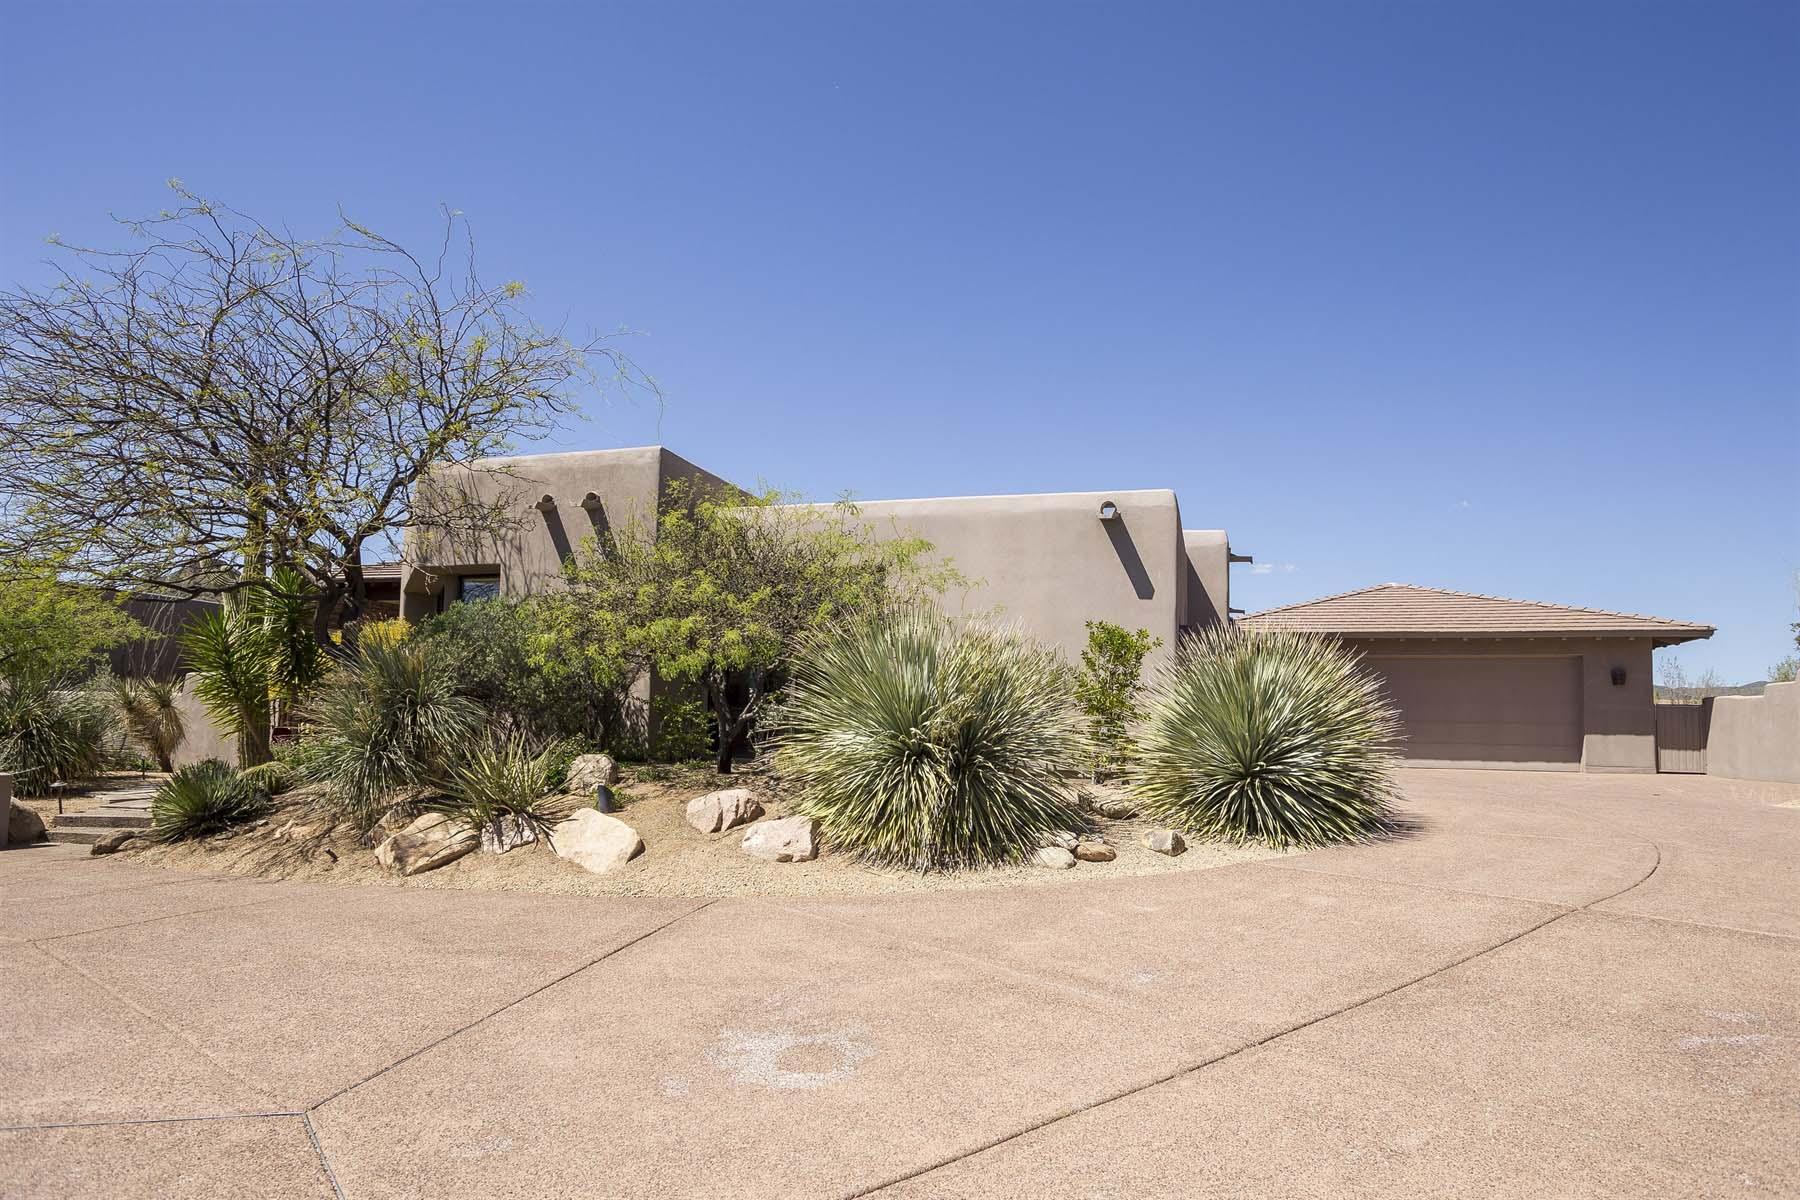 Maison unifamiliale pour l Vente à wonderful Home in DesertMountain Skyline. 39640 N 100TH ST Scottsdale, Arizona SCOTT États-Unis